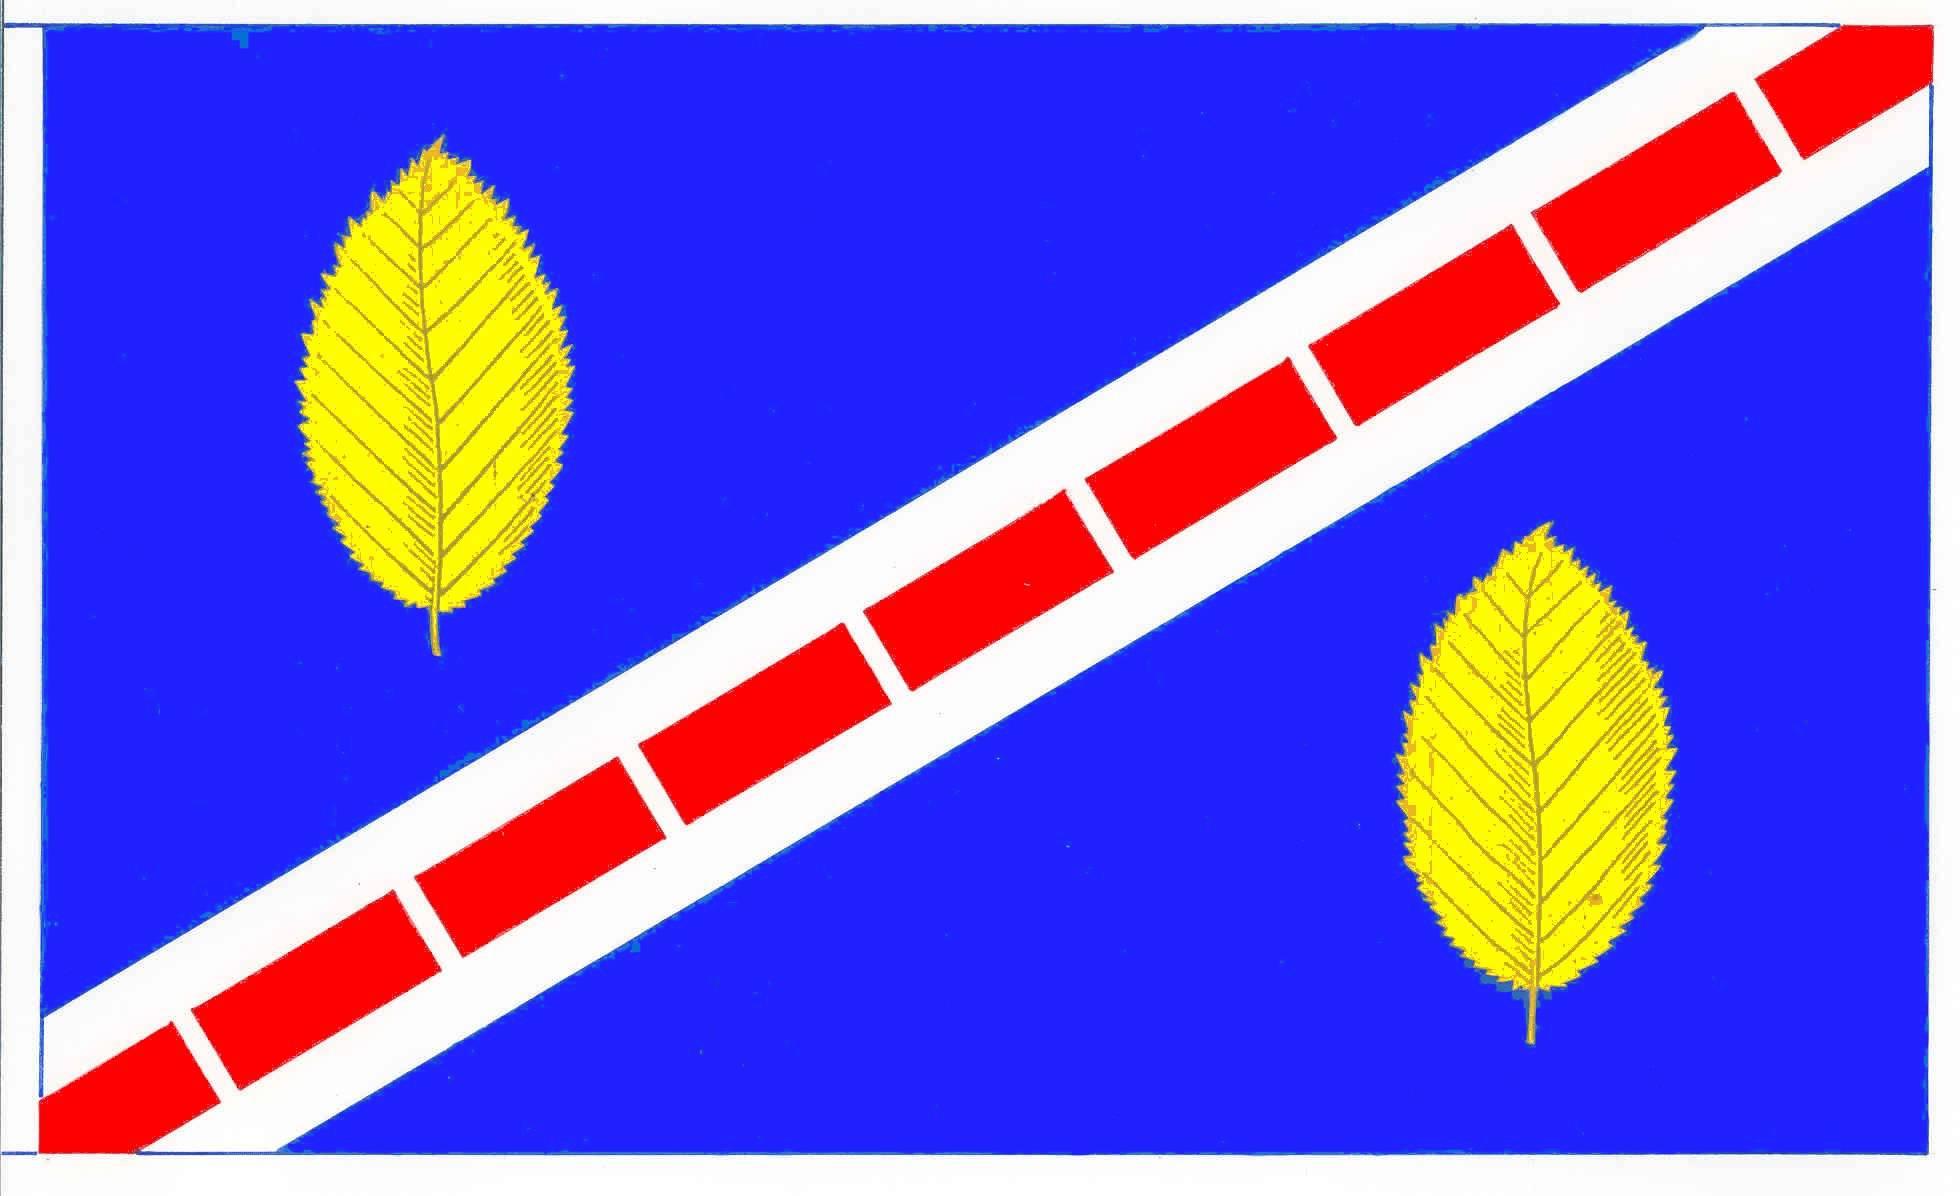 Flagge GemeindeBoostedt, Kreis Segeberg